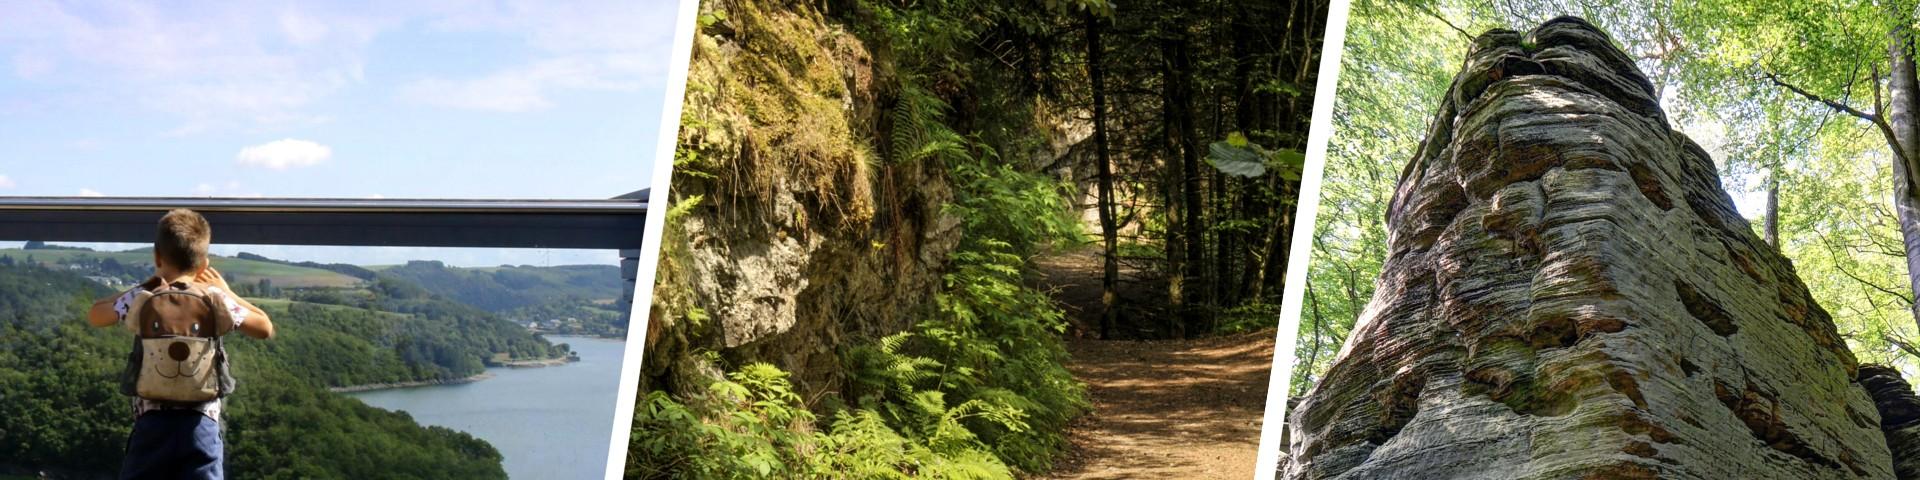 naturpark.lu